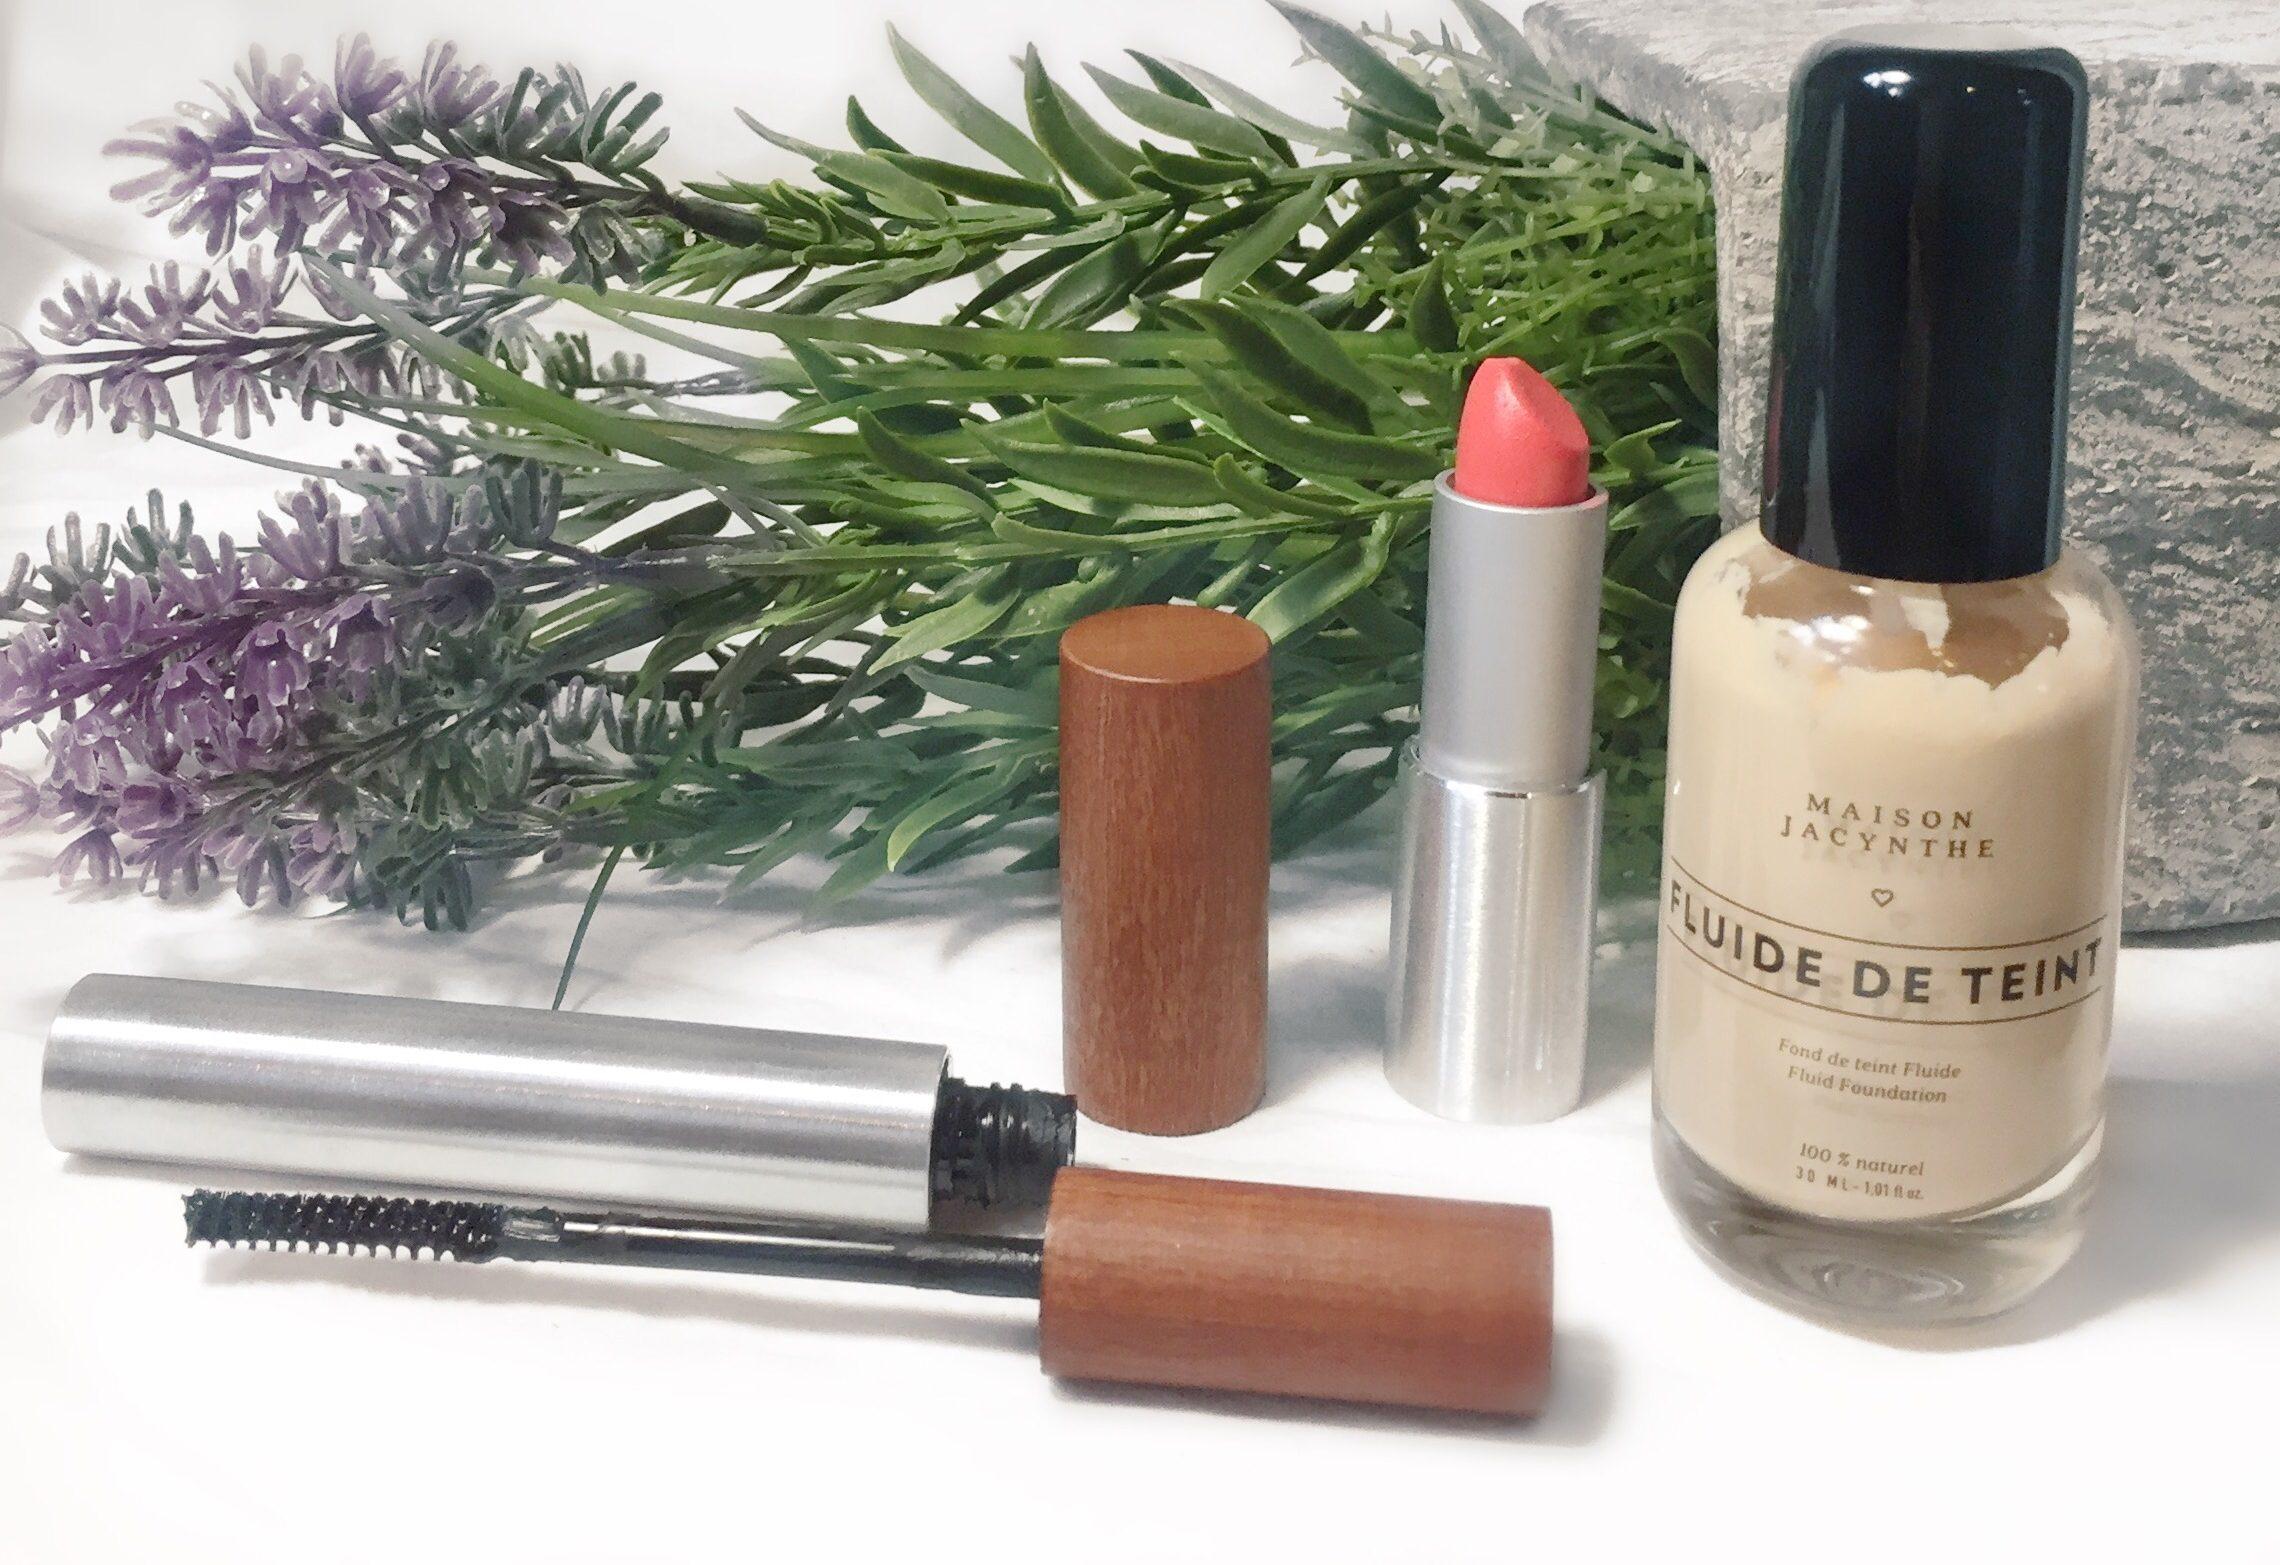 Mascara, rouge à lèvres et fluide de teint de Maison Jacynthe